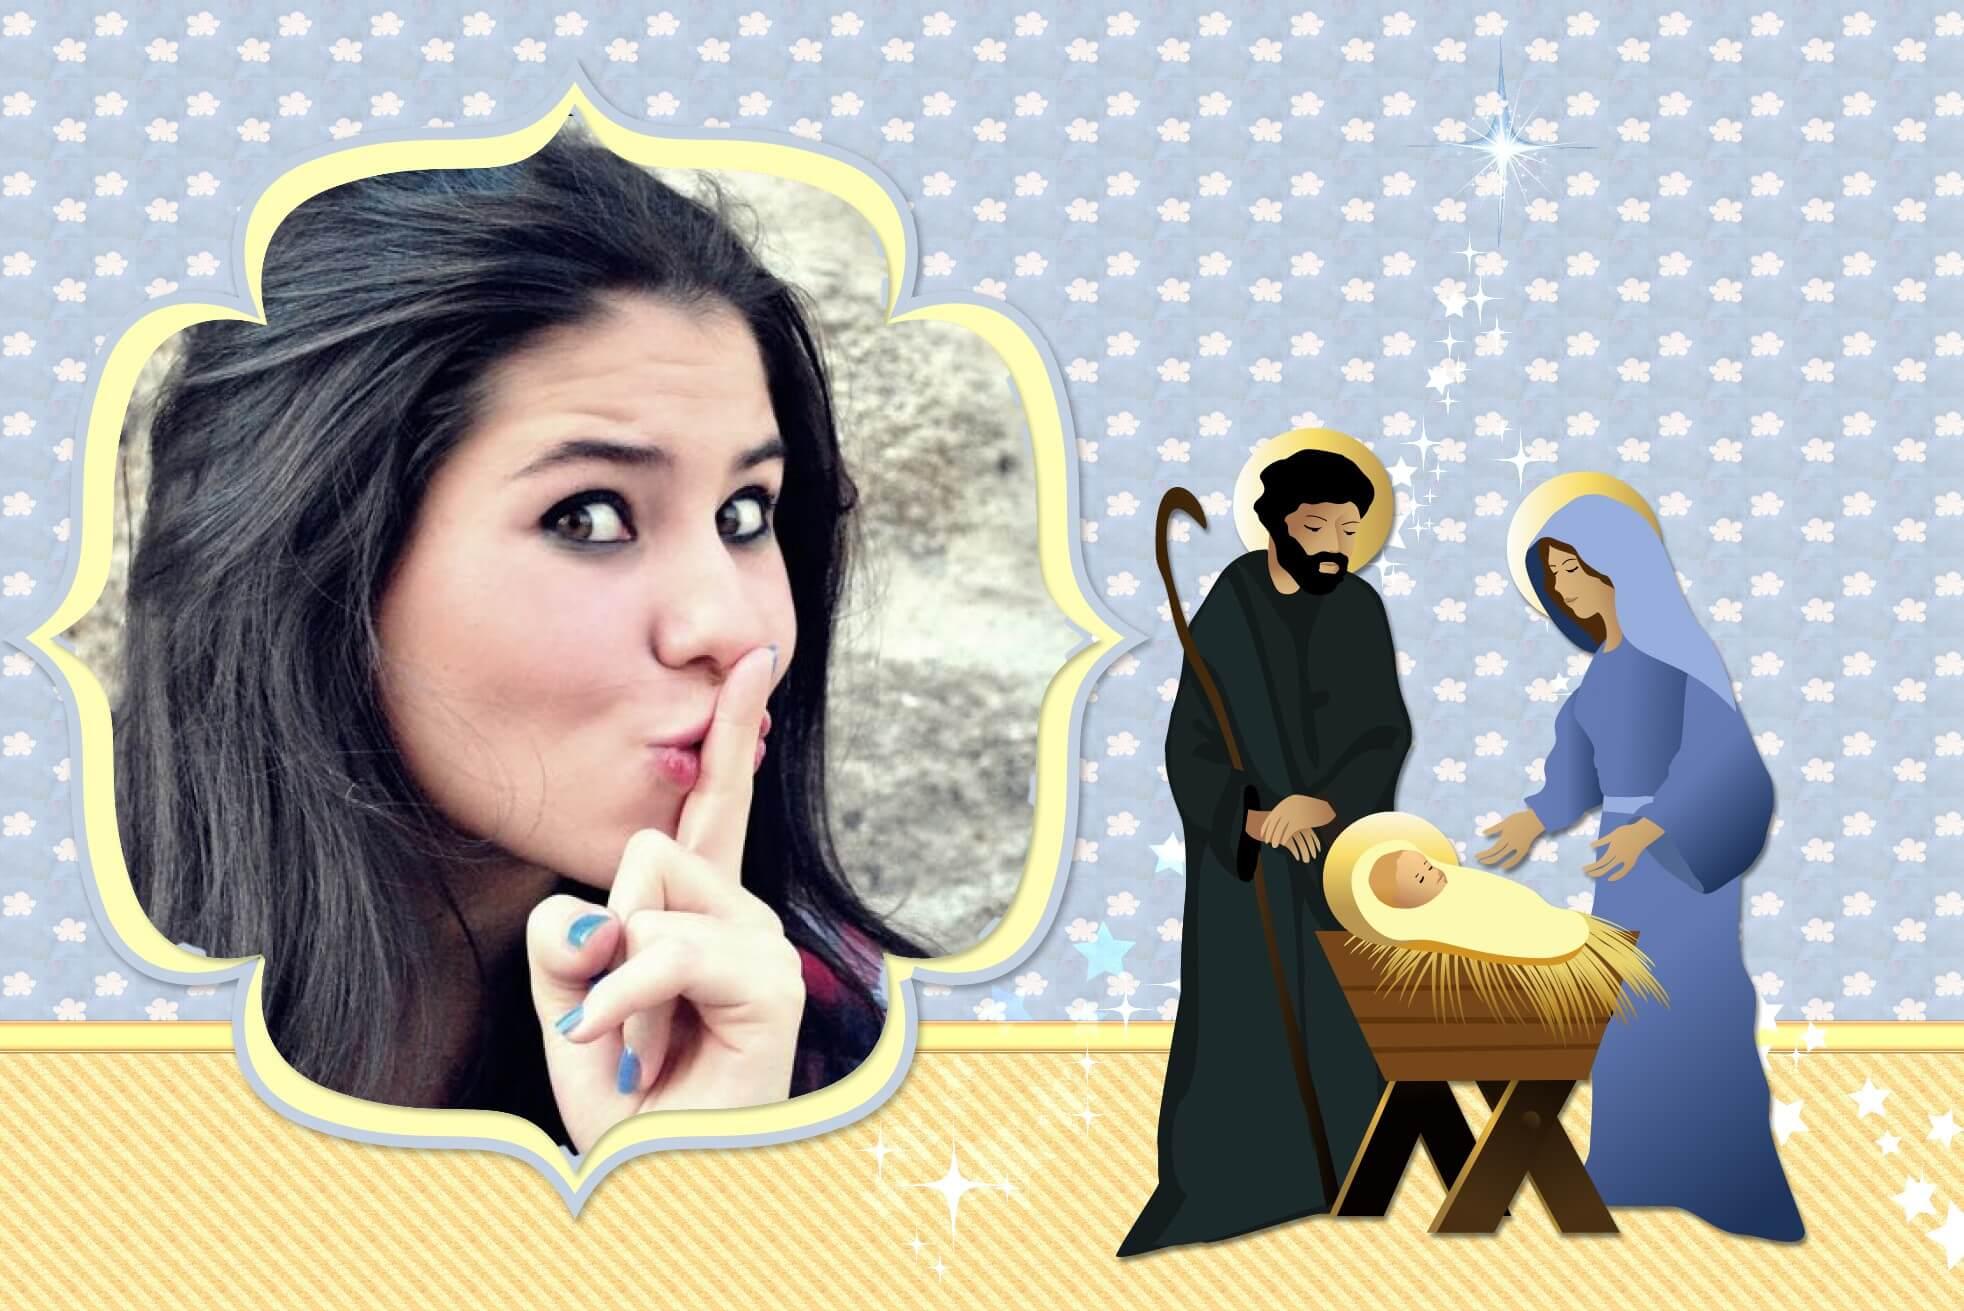 moldura-nascimento-menino-jesus